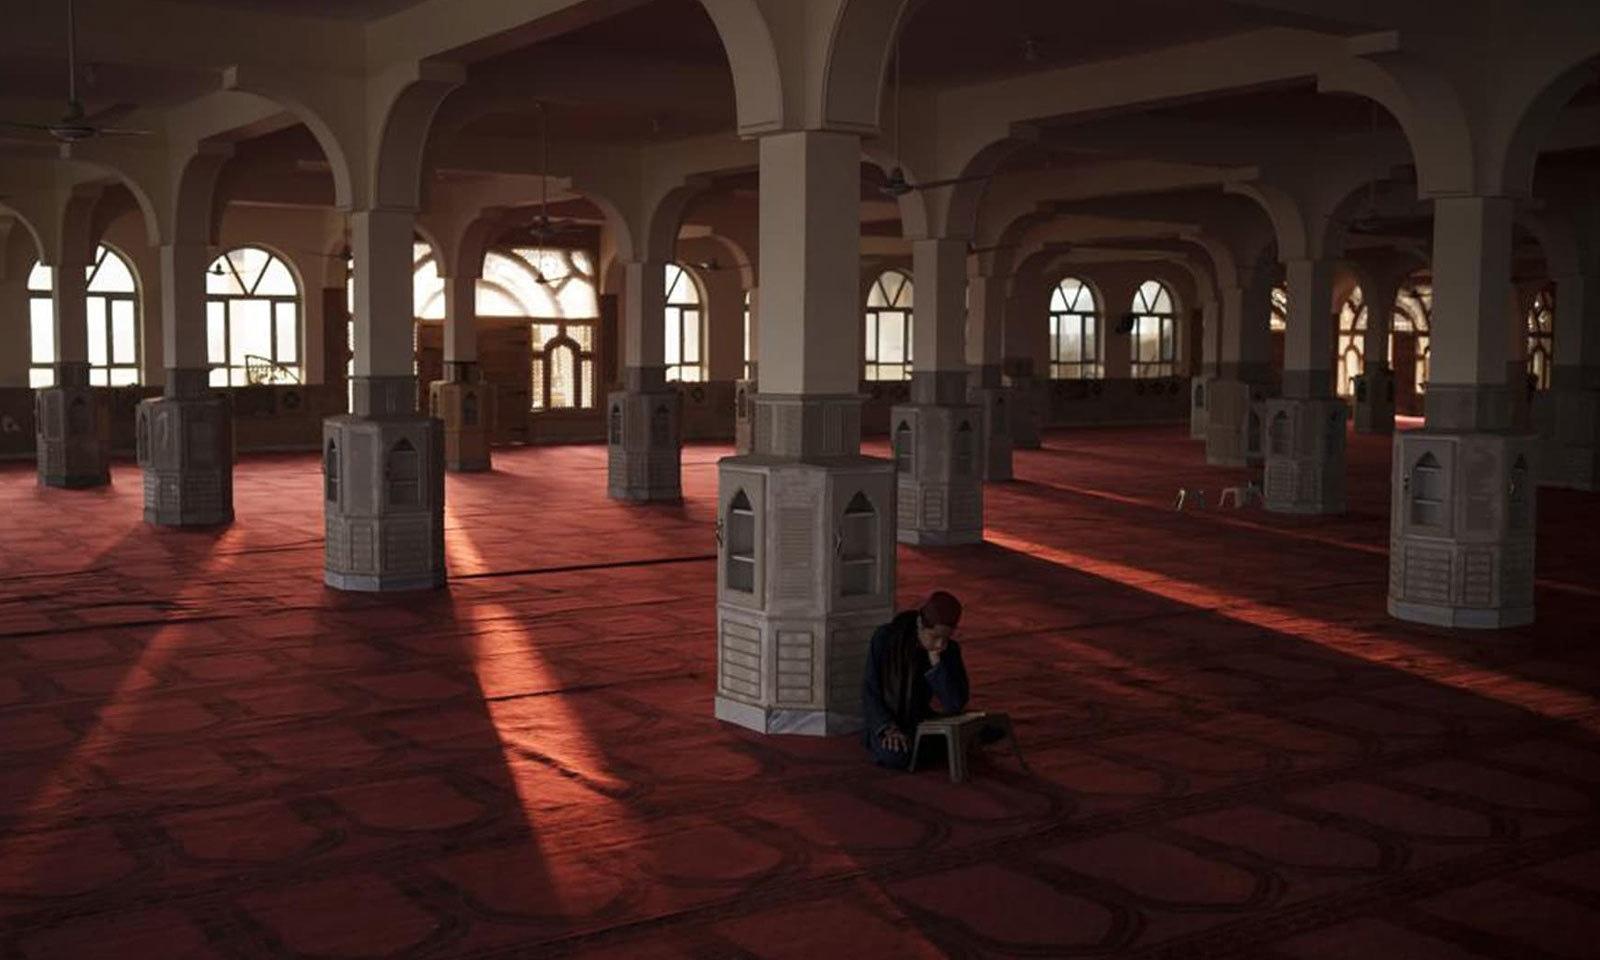 ایک طالبعلم خاتم الانبیا مدرسے کی  مسجد میں قرآن کی تلاوت کررہا ہے—فوٹو: اے پی